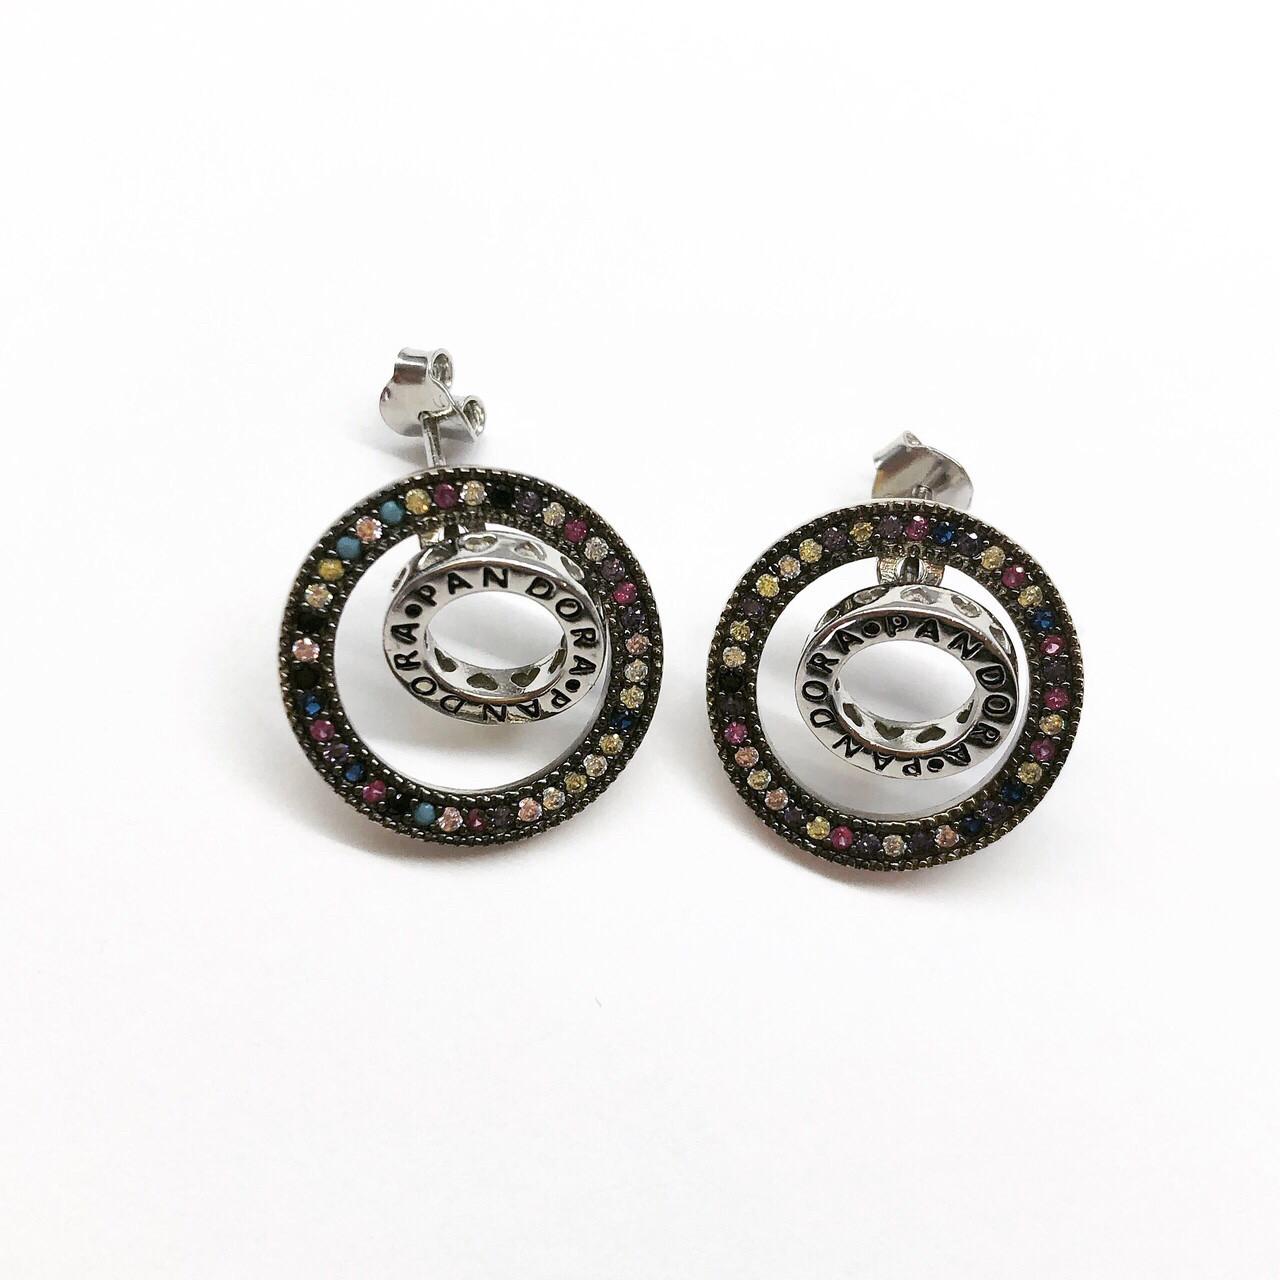 Серьги из серебра Мої прикраси в стиле Pandora цветные камни